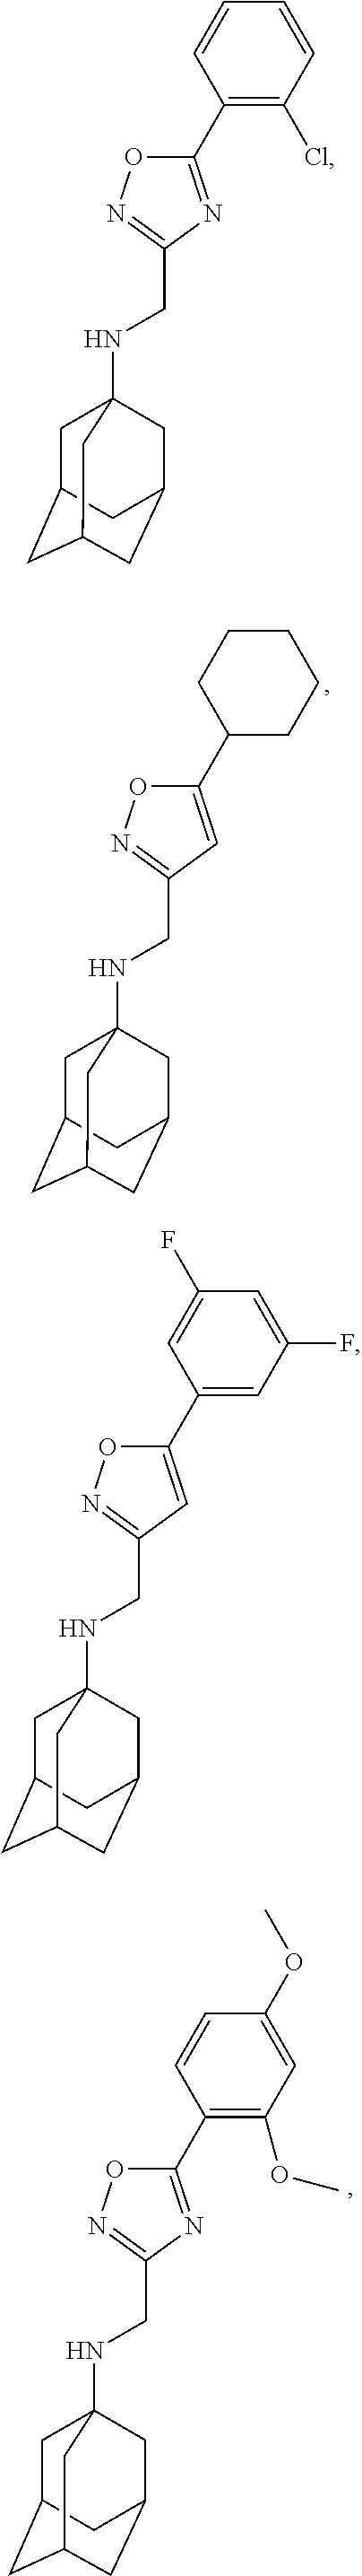 Figure US09884832-20180206-C00189